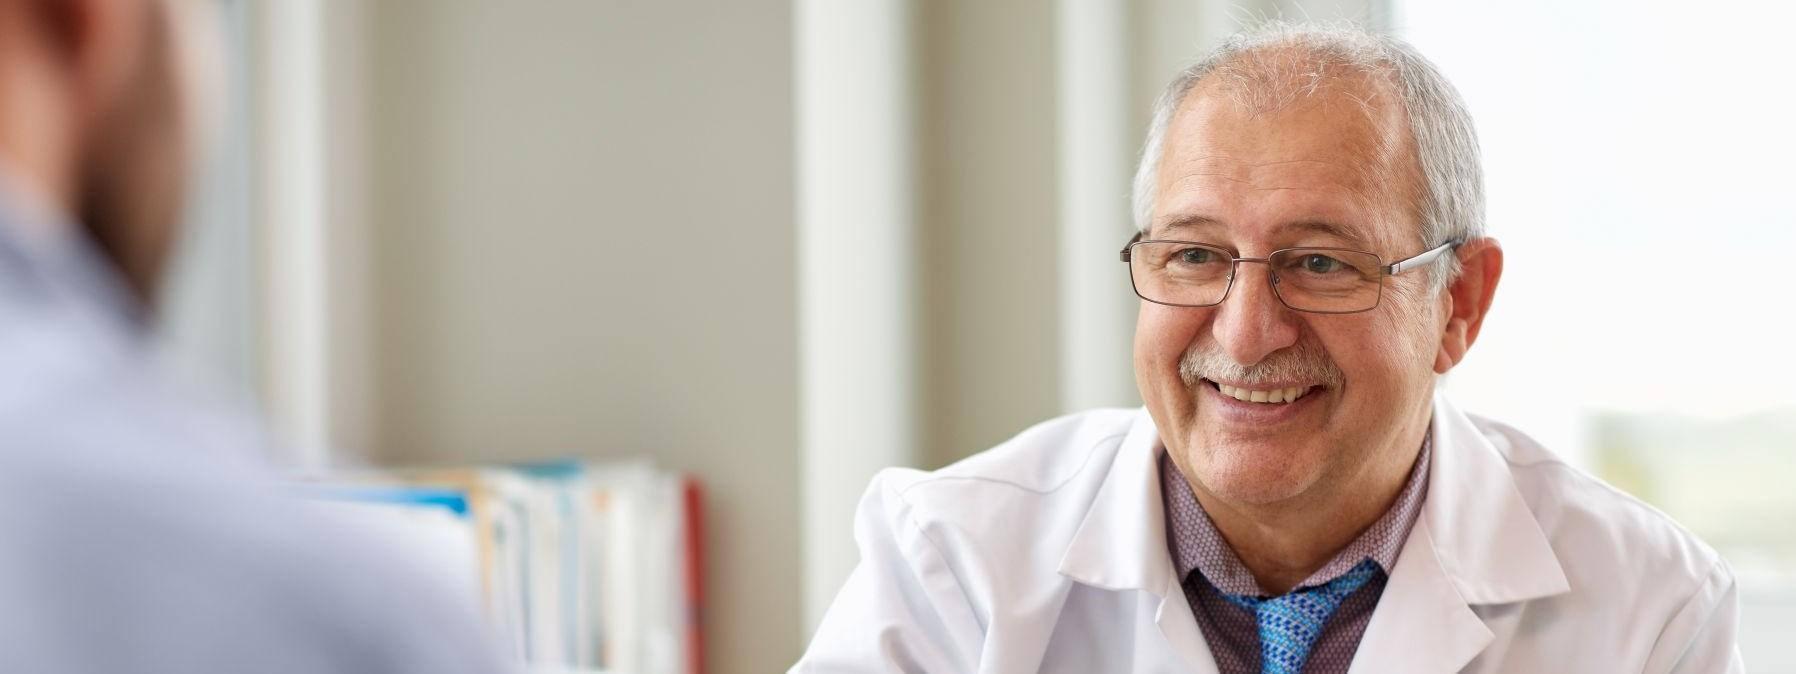 Ein etwa 60 jährige Arzt sitzt an seinem Beratungstisch und berät einen Patienten. Dabei lächelt er.